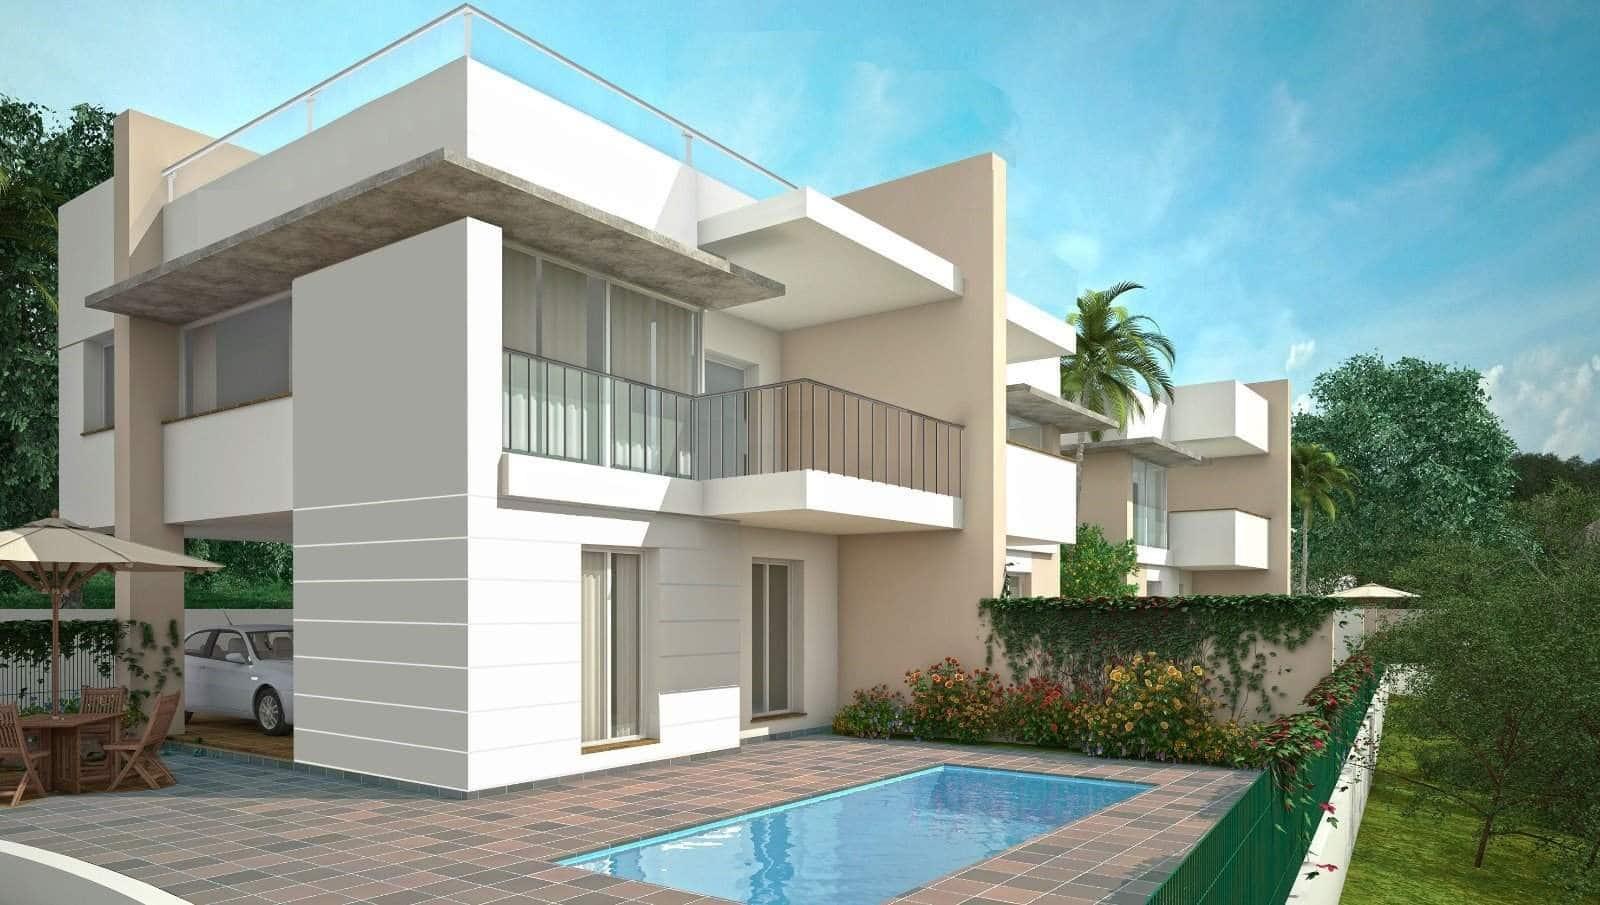 3 bedroom Villa for sale in Nerja - € 395,000 (Ref: 4177276)